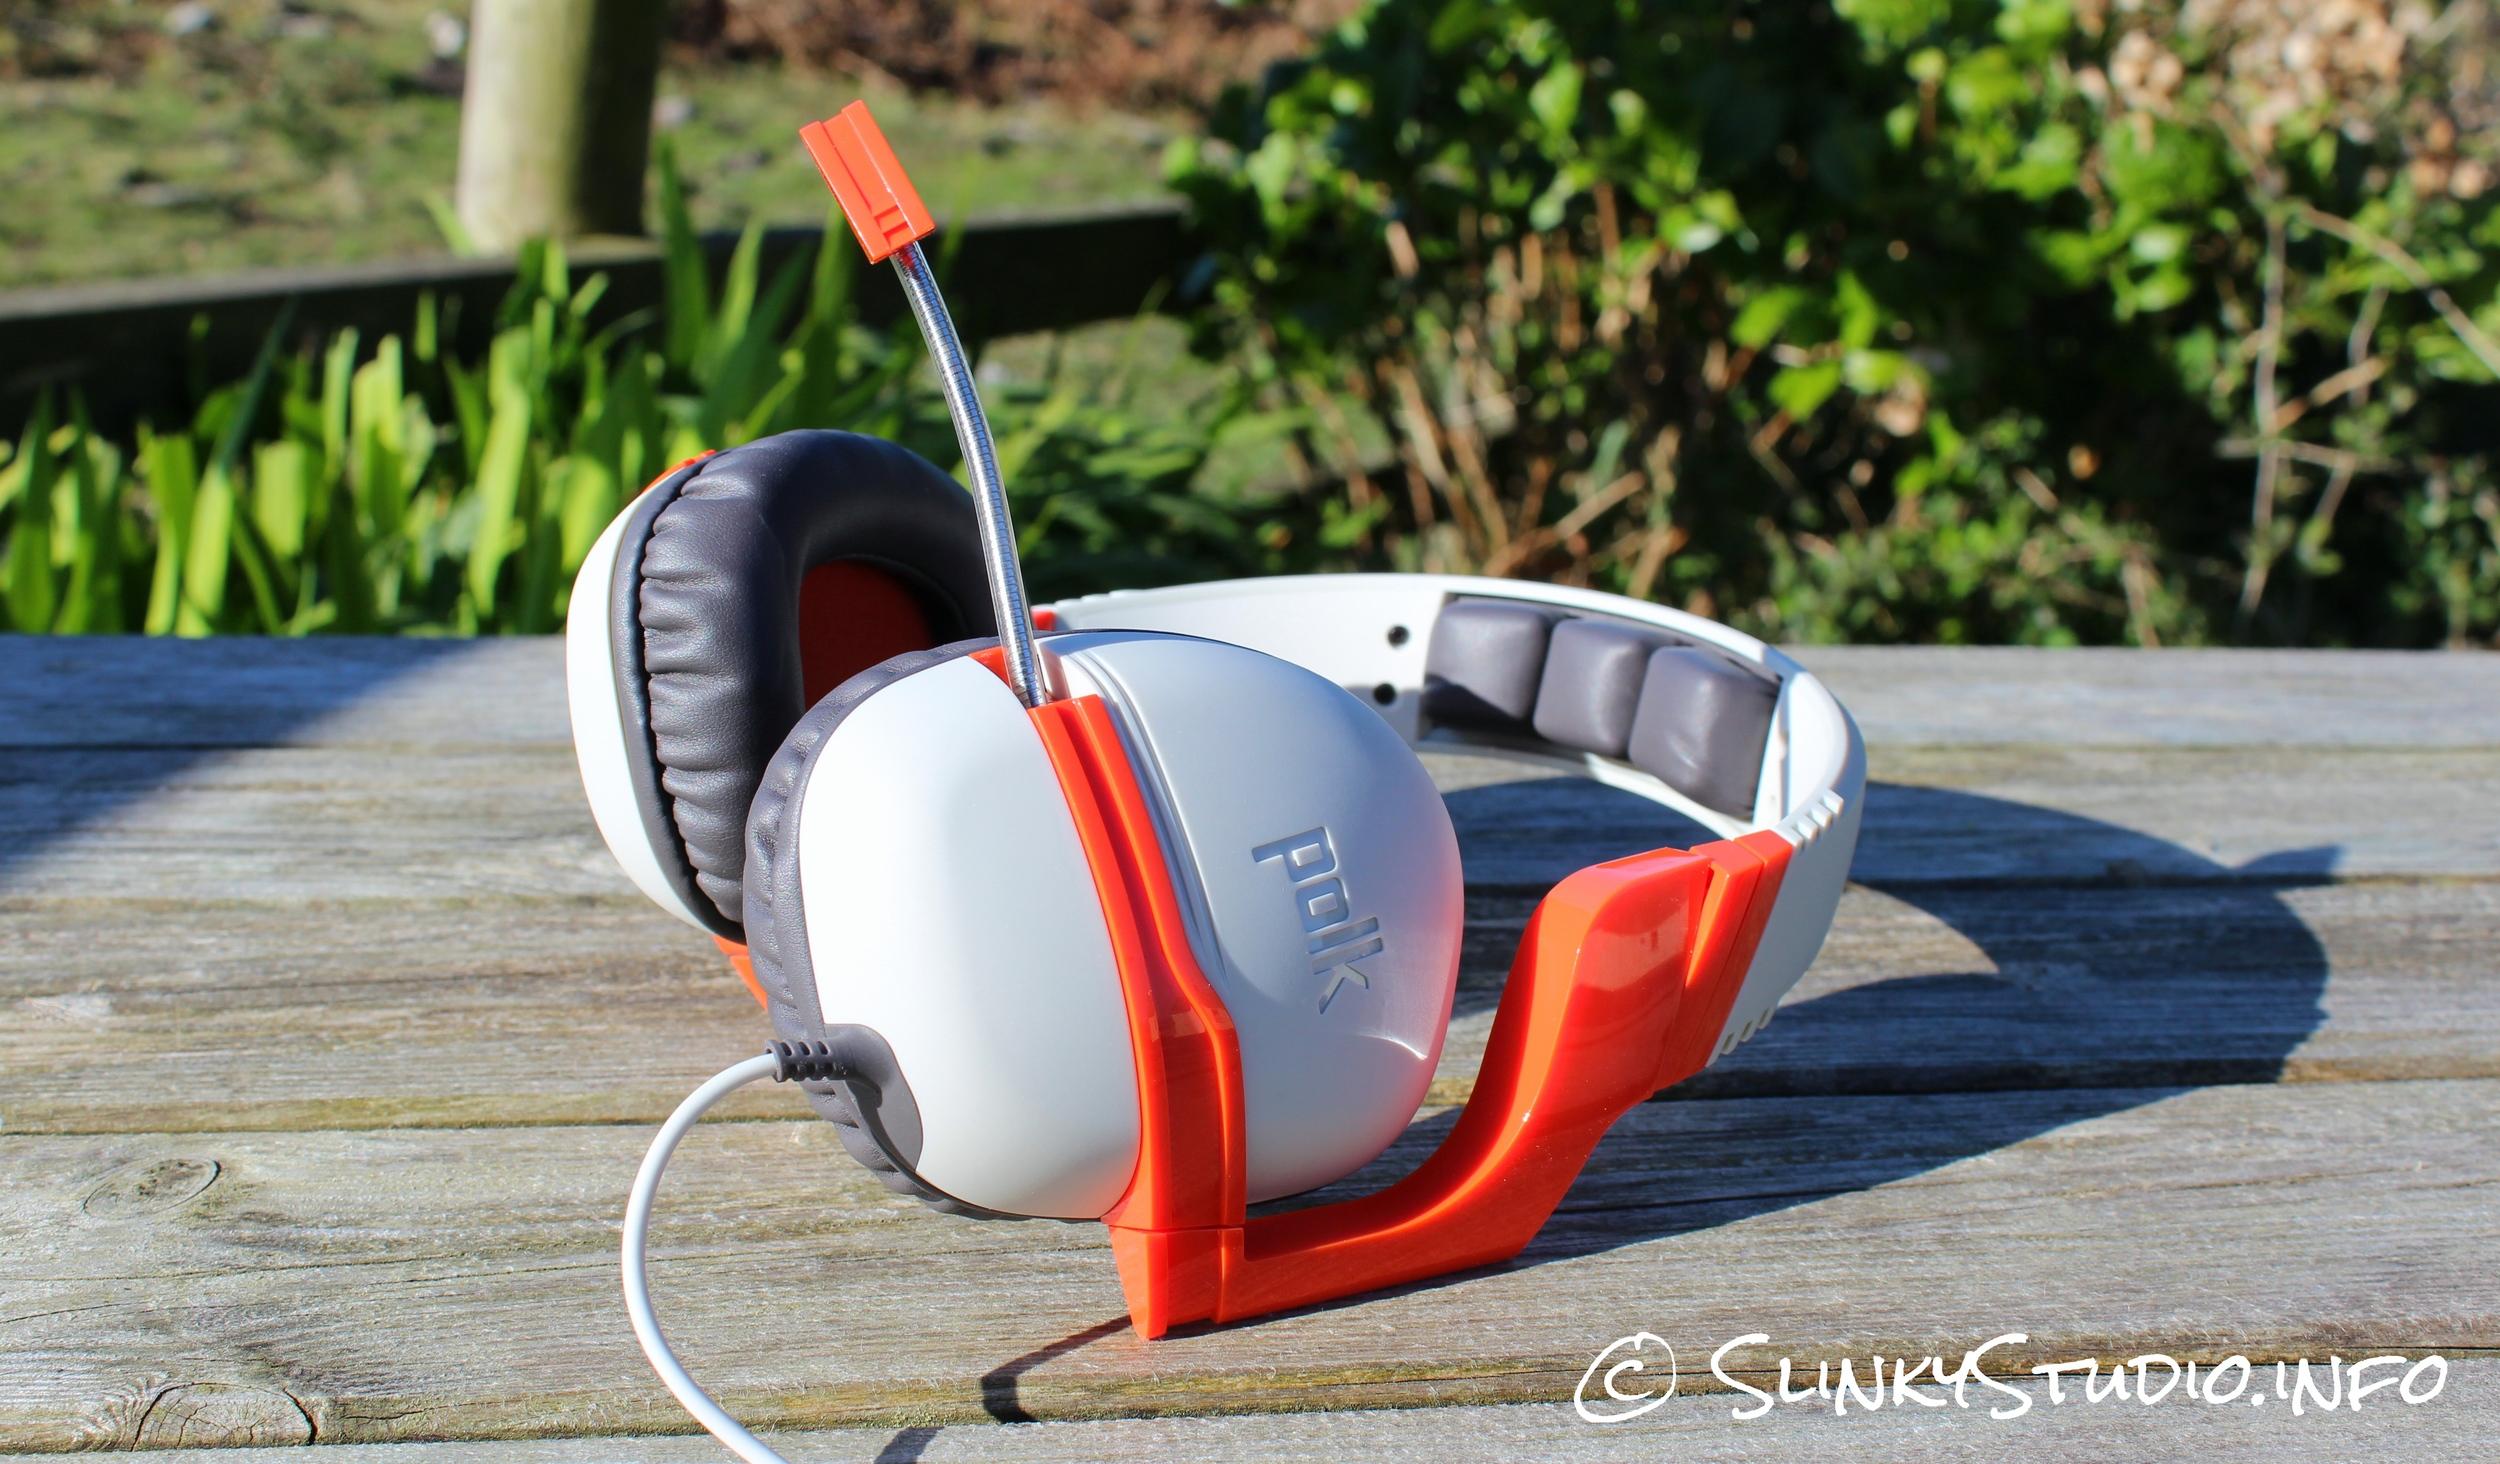 Polk Audio Striker ZX Gaming Headset Side View Microphone